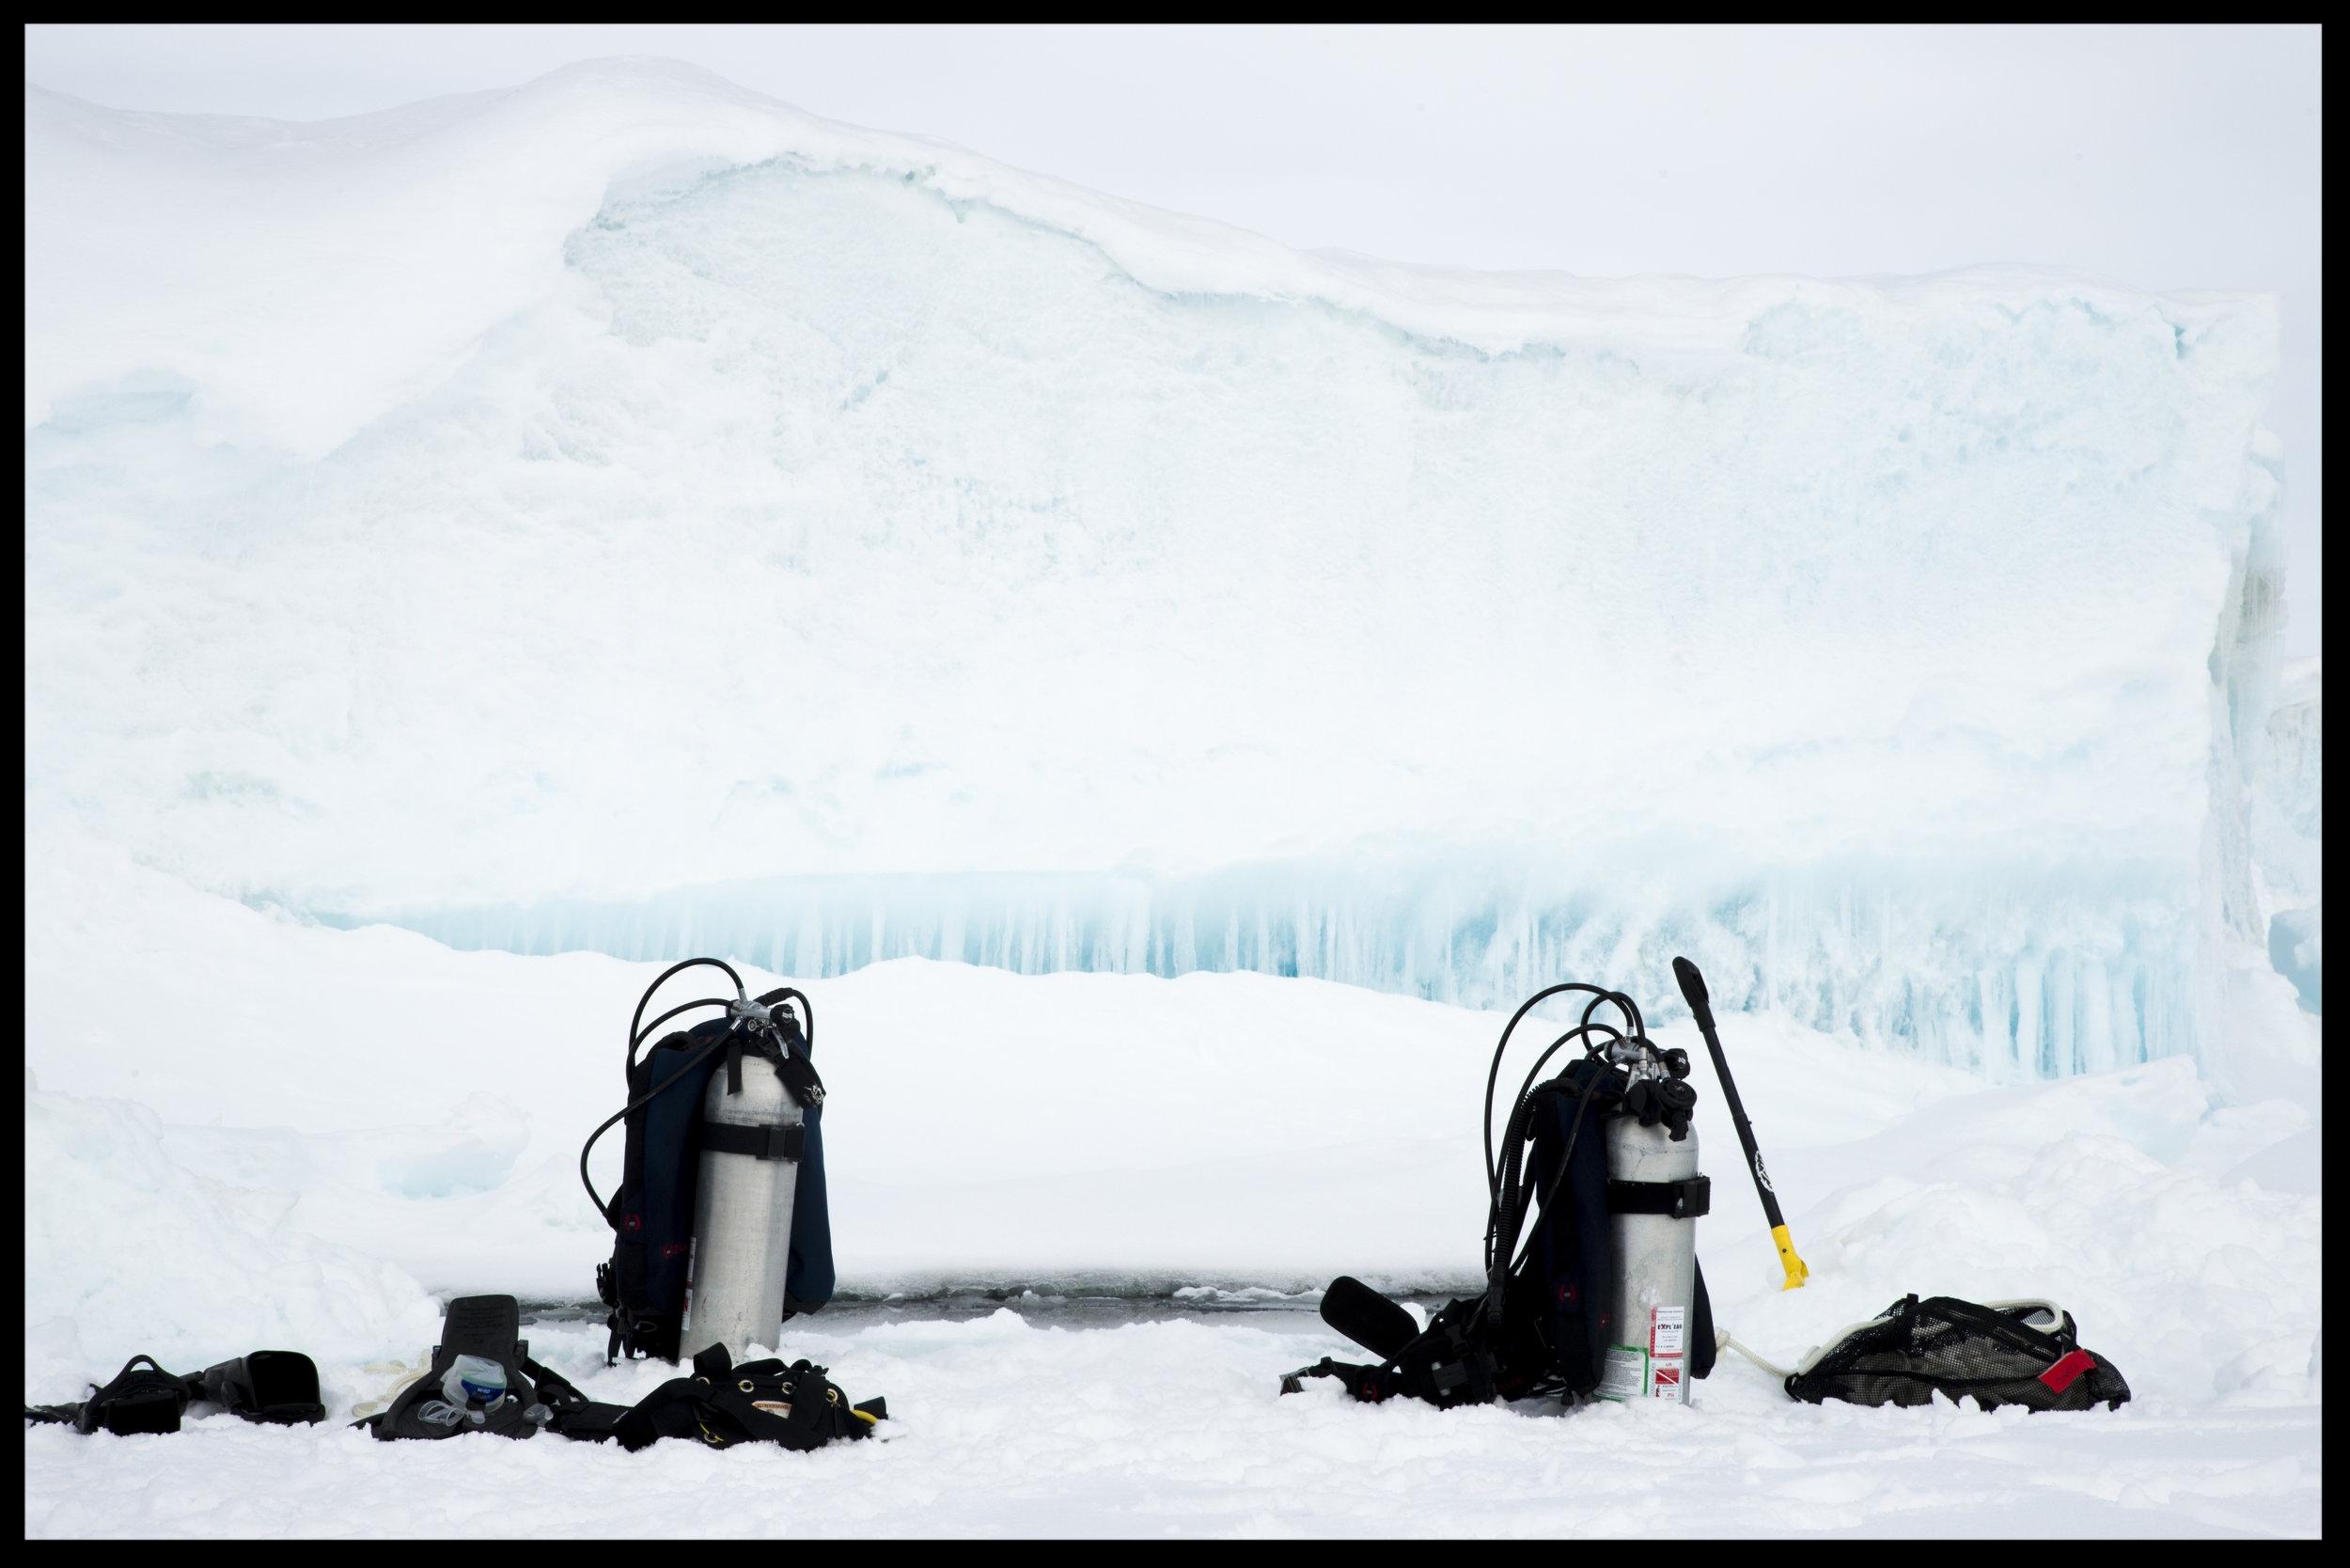 Photo Credit: Francoise gervais / Arctic kingdom